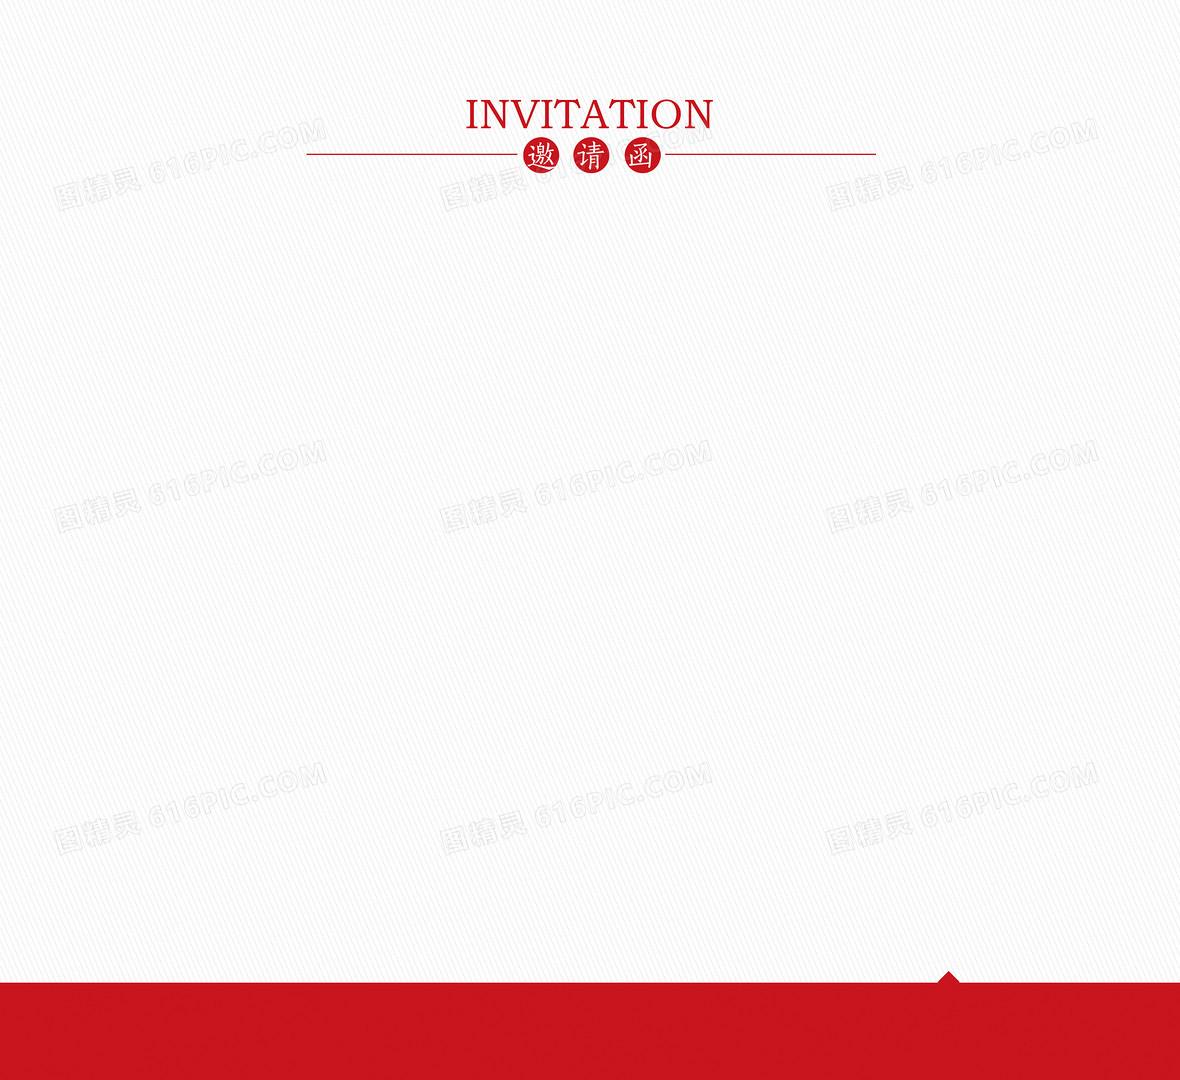 邀请函内页图片背景素材